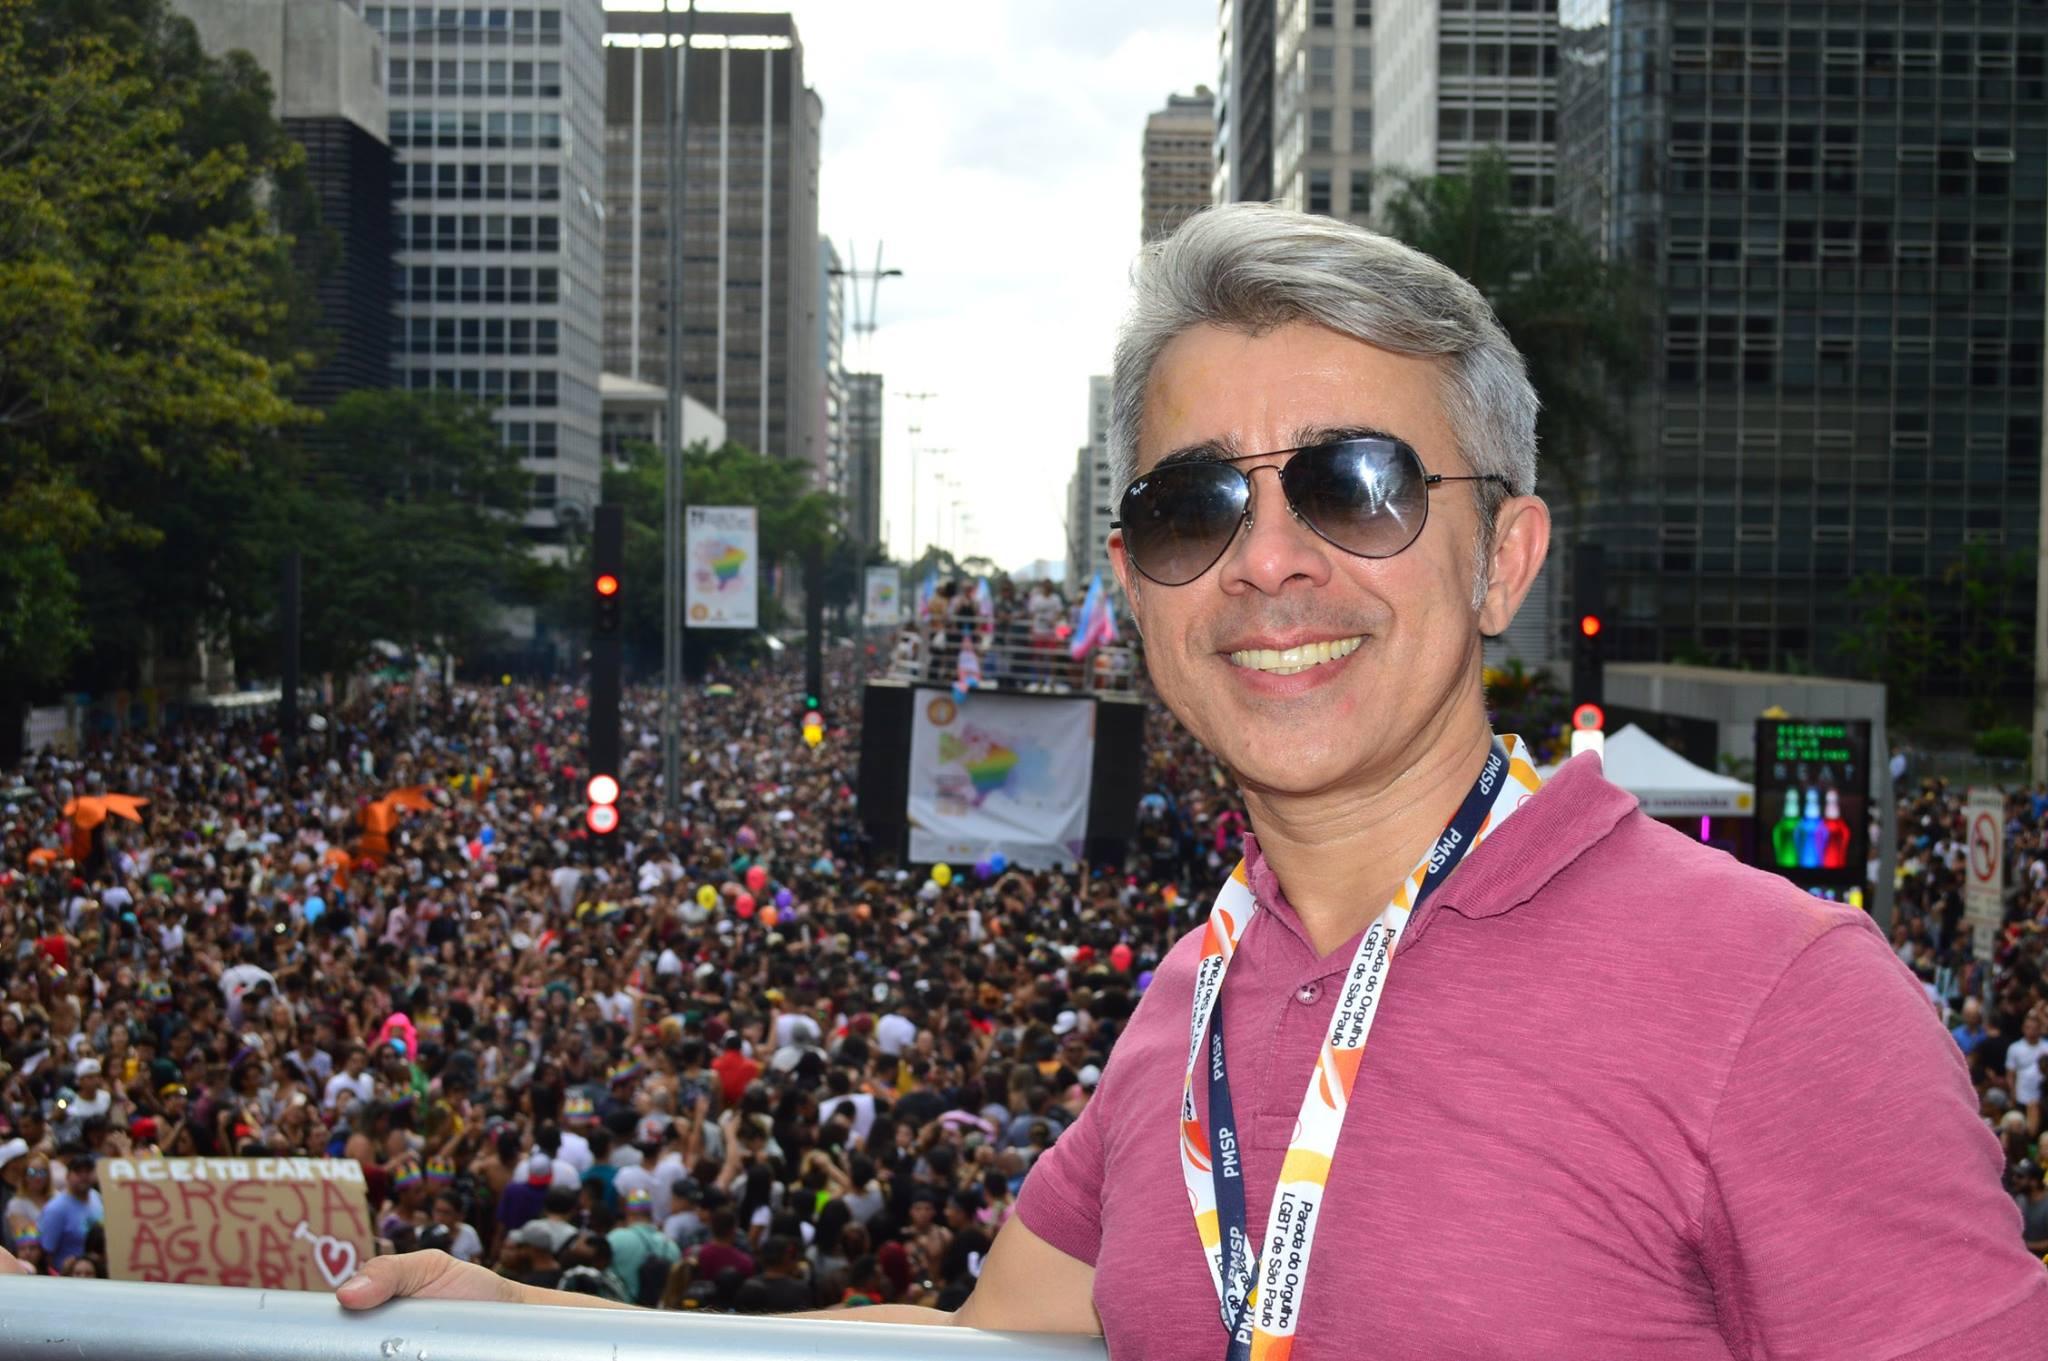 Ações para combater a violência contra a população LGBT+ são mínimas, avalia paulistanos